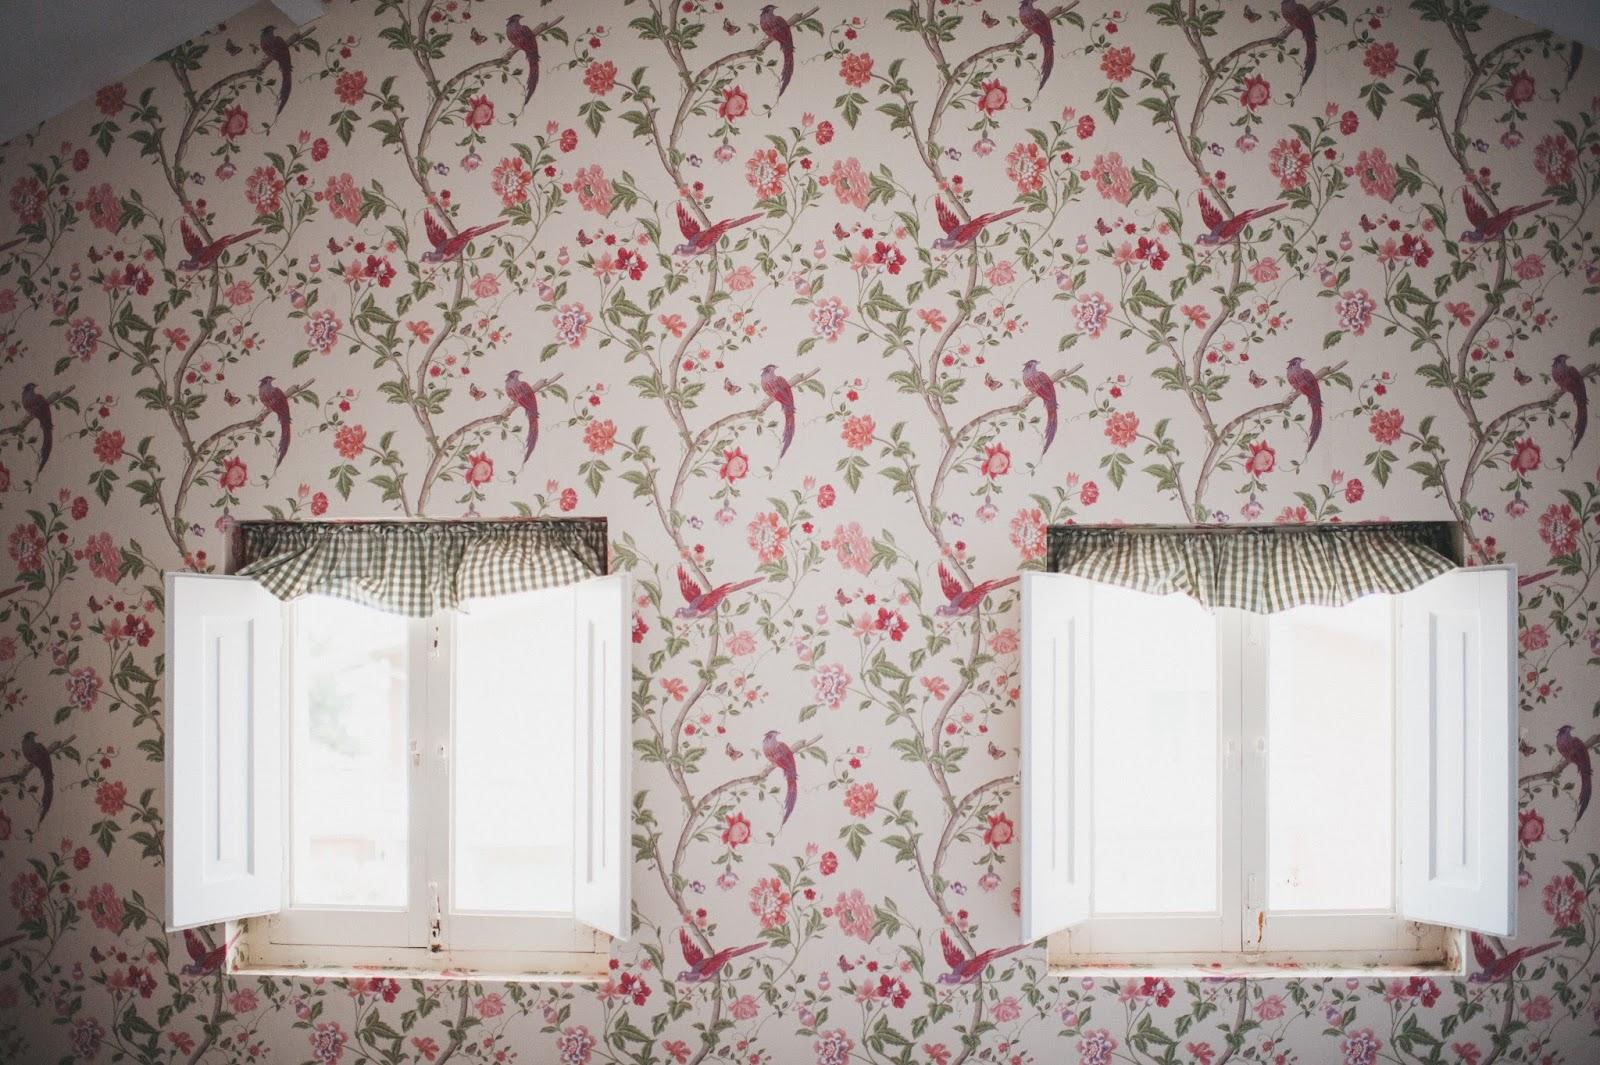 El blog de decoracion de laura ashley alamar surf house - Laura ashley papel pintado ...